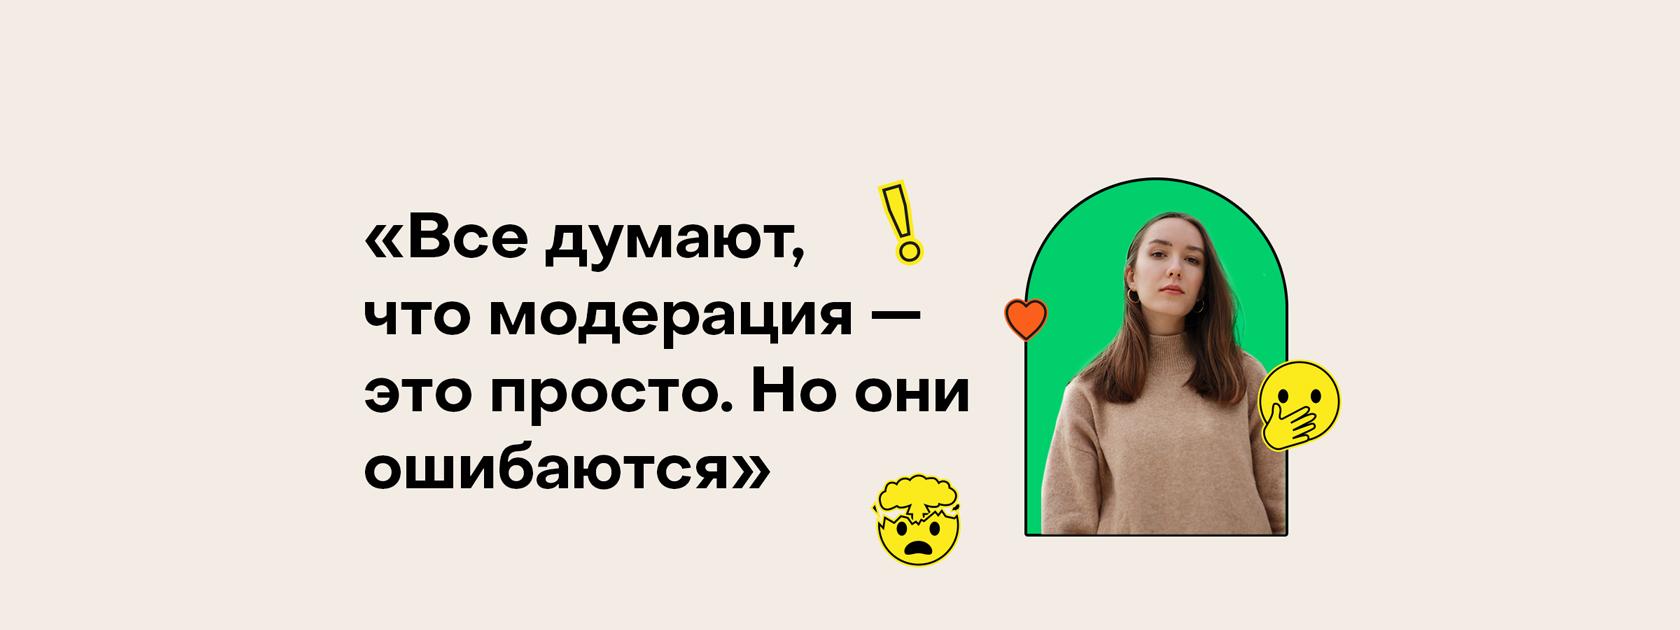 Марина Лисецкая о плохой модерации, хорошем комьюнити и силе эмпатии